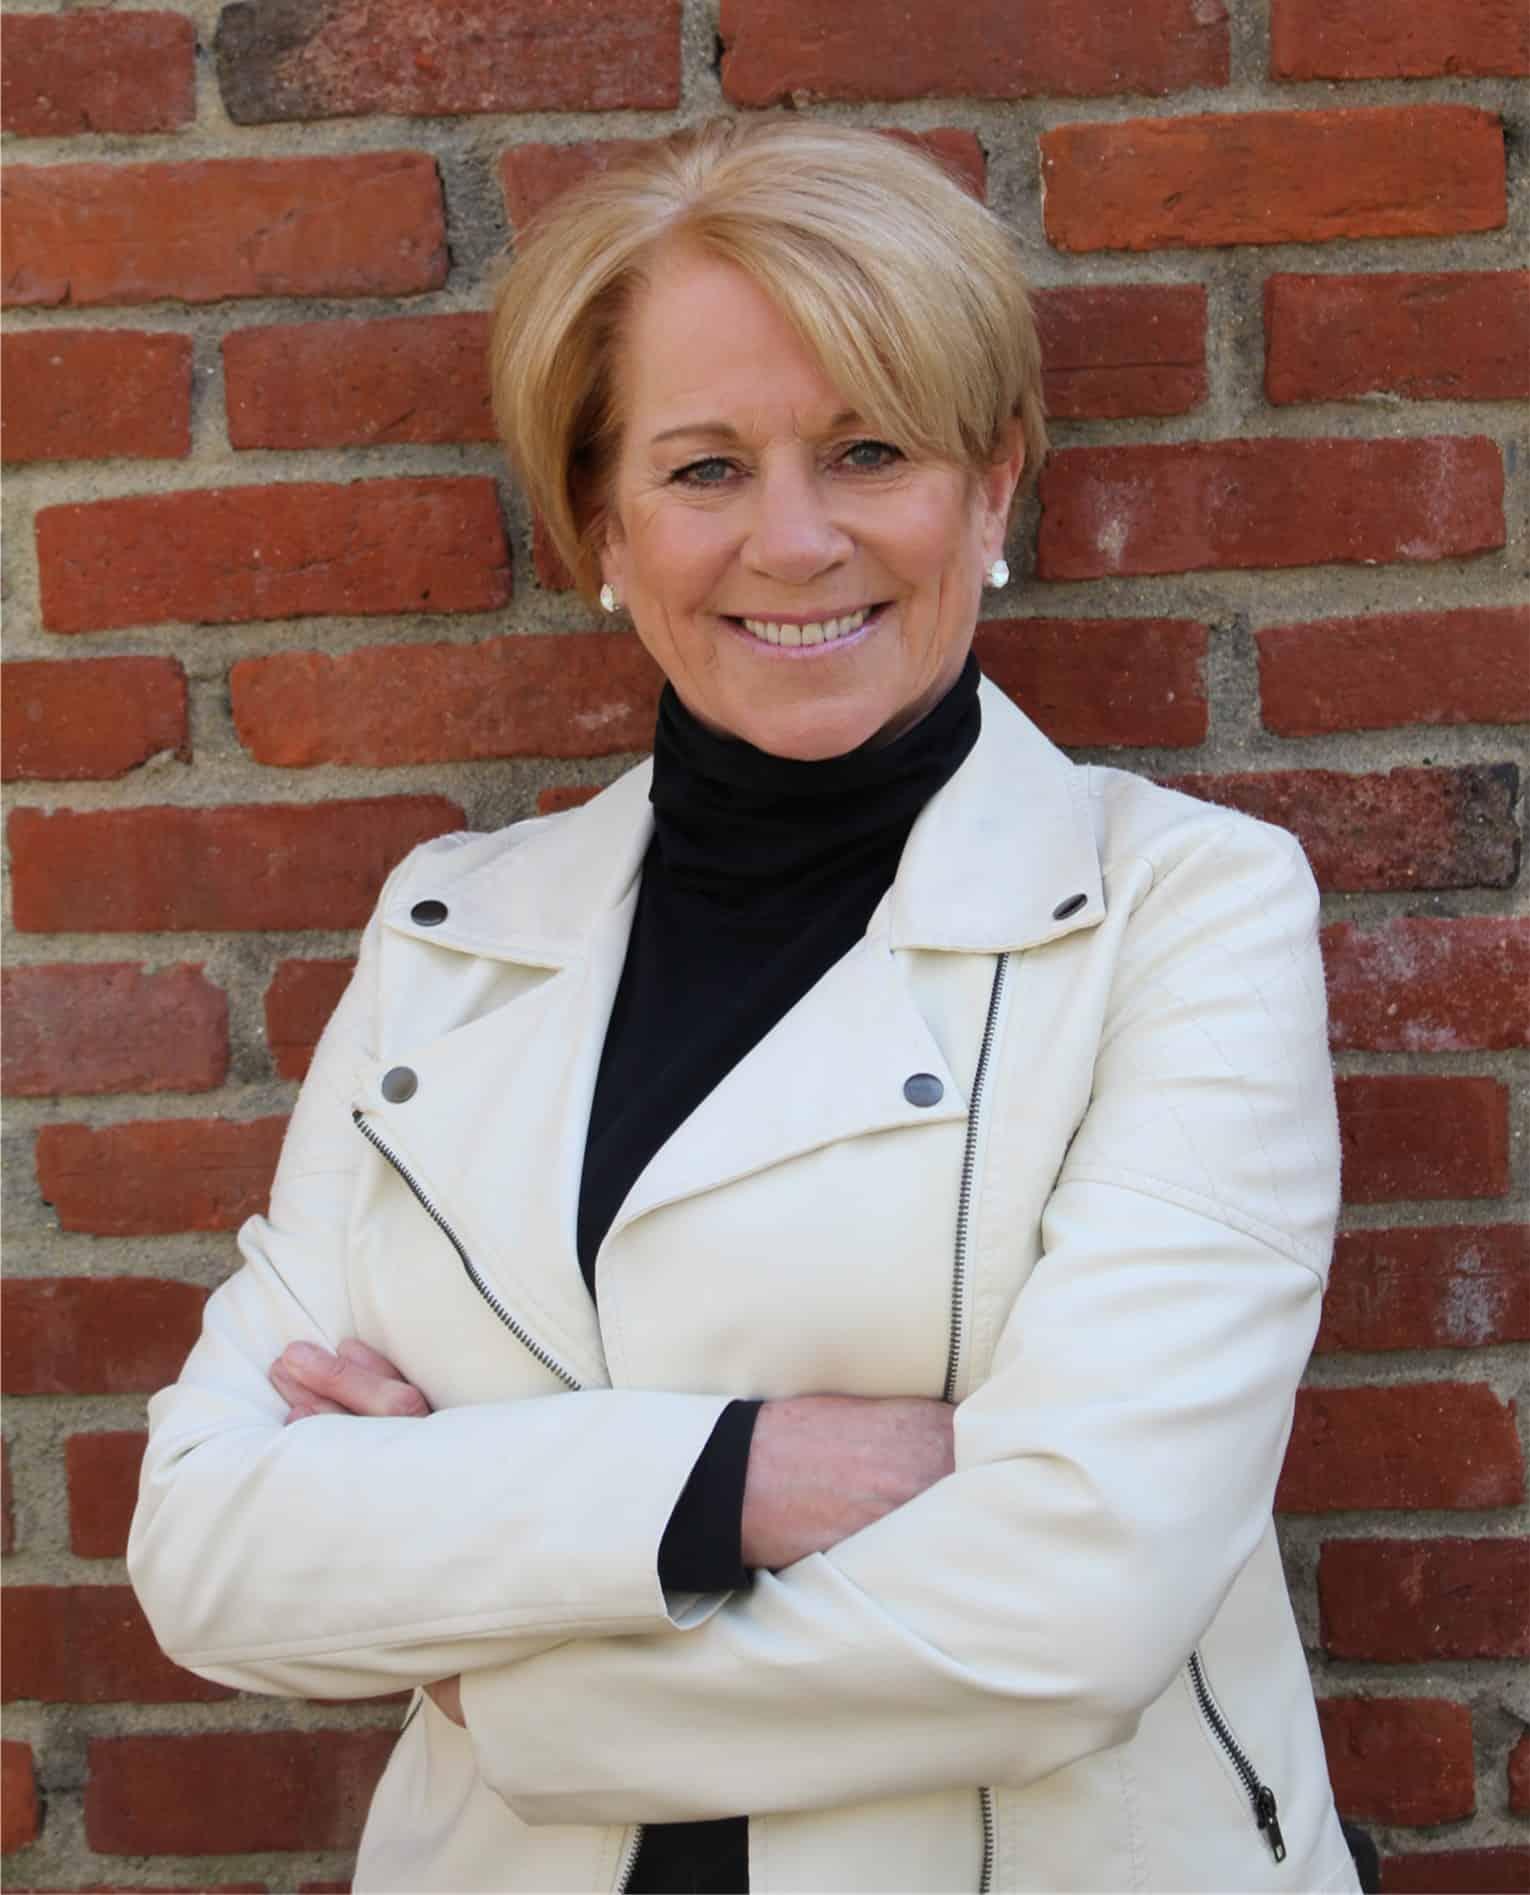 Jennifer Suech